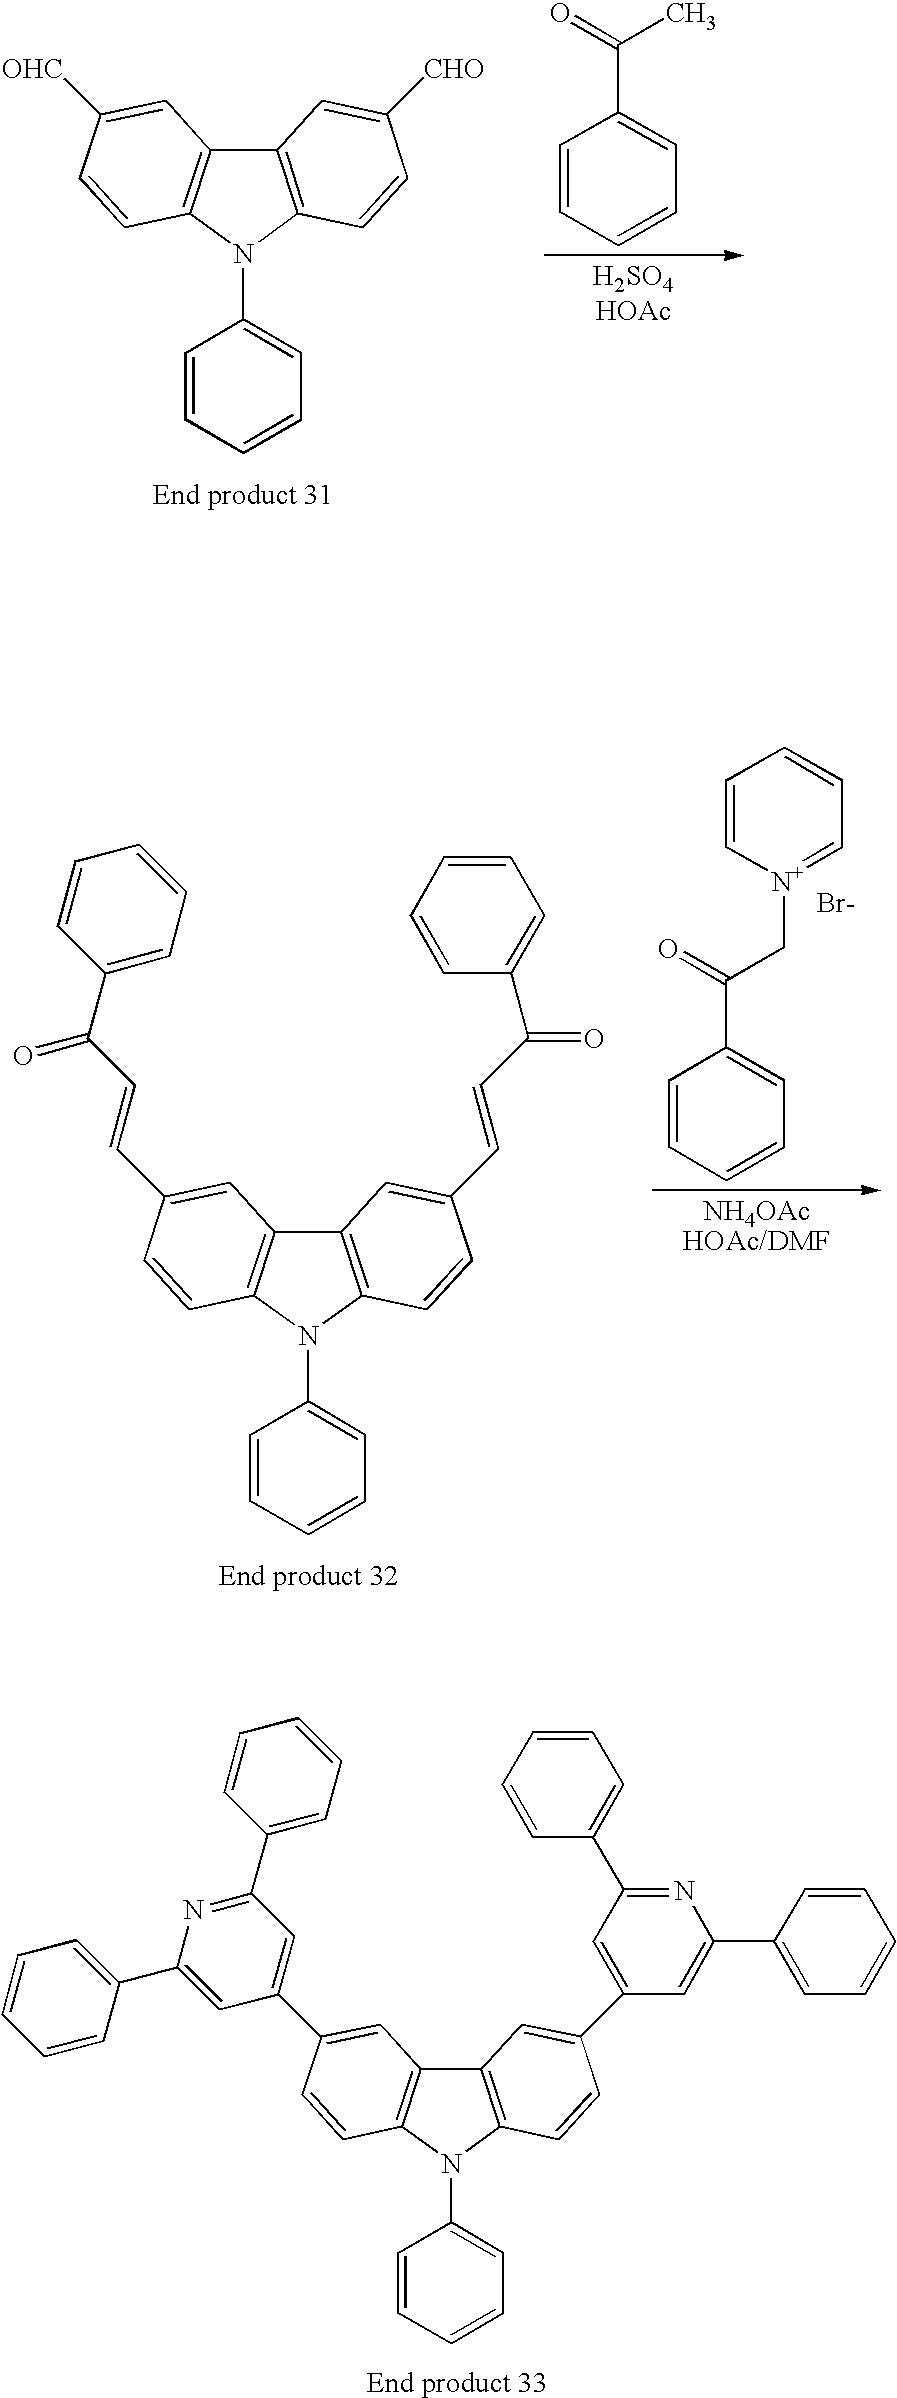 Figure US20060186796A1-20060824-C00151